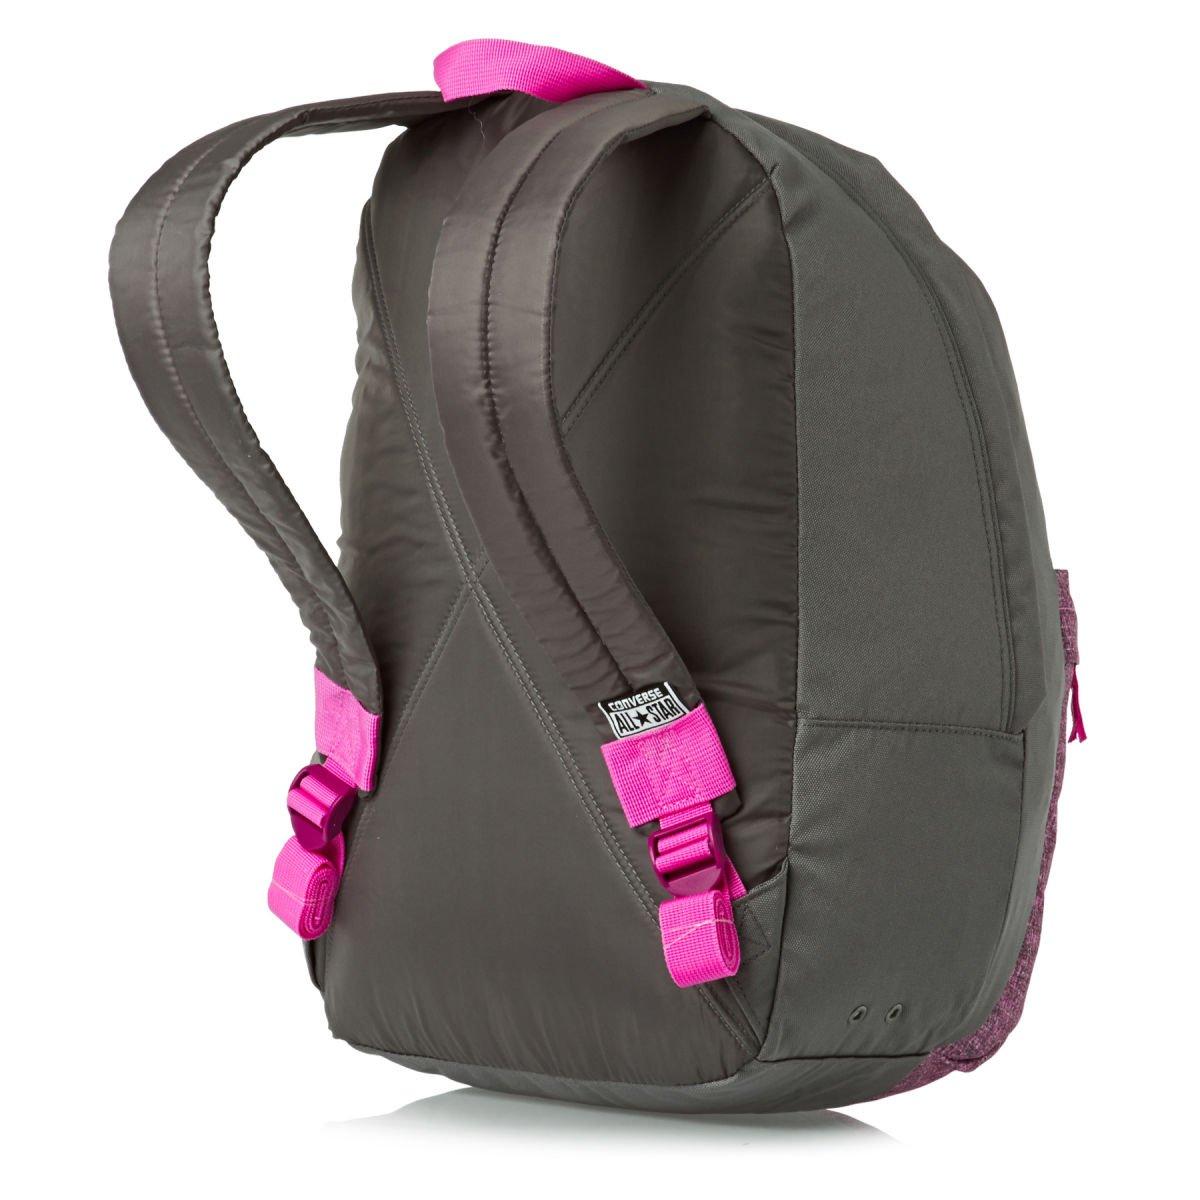 33141728019d Converse CTAS Backpack Dahlia Pink Noise Print 410659 - 931  Amazon.co.uk   Shoes   Bags